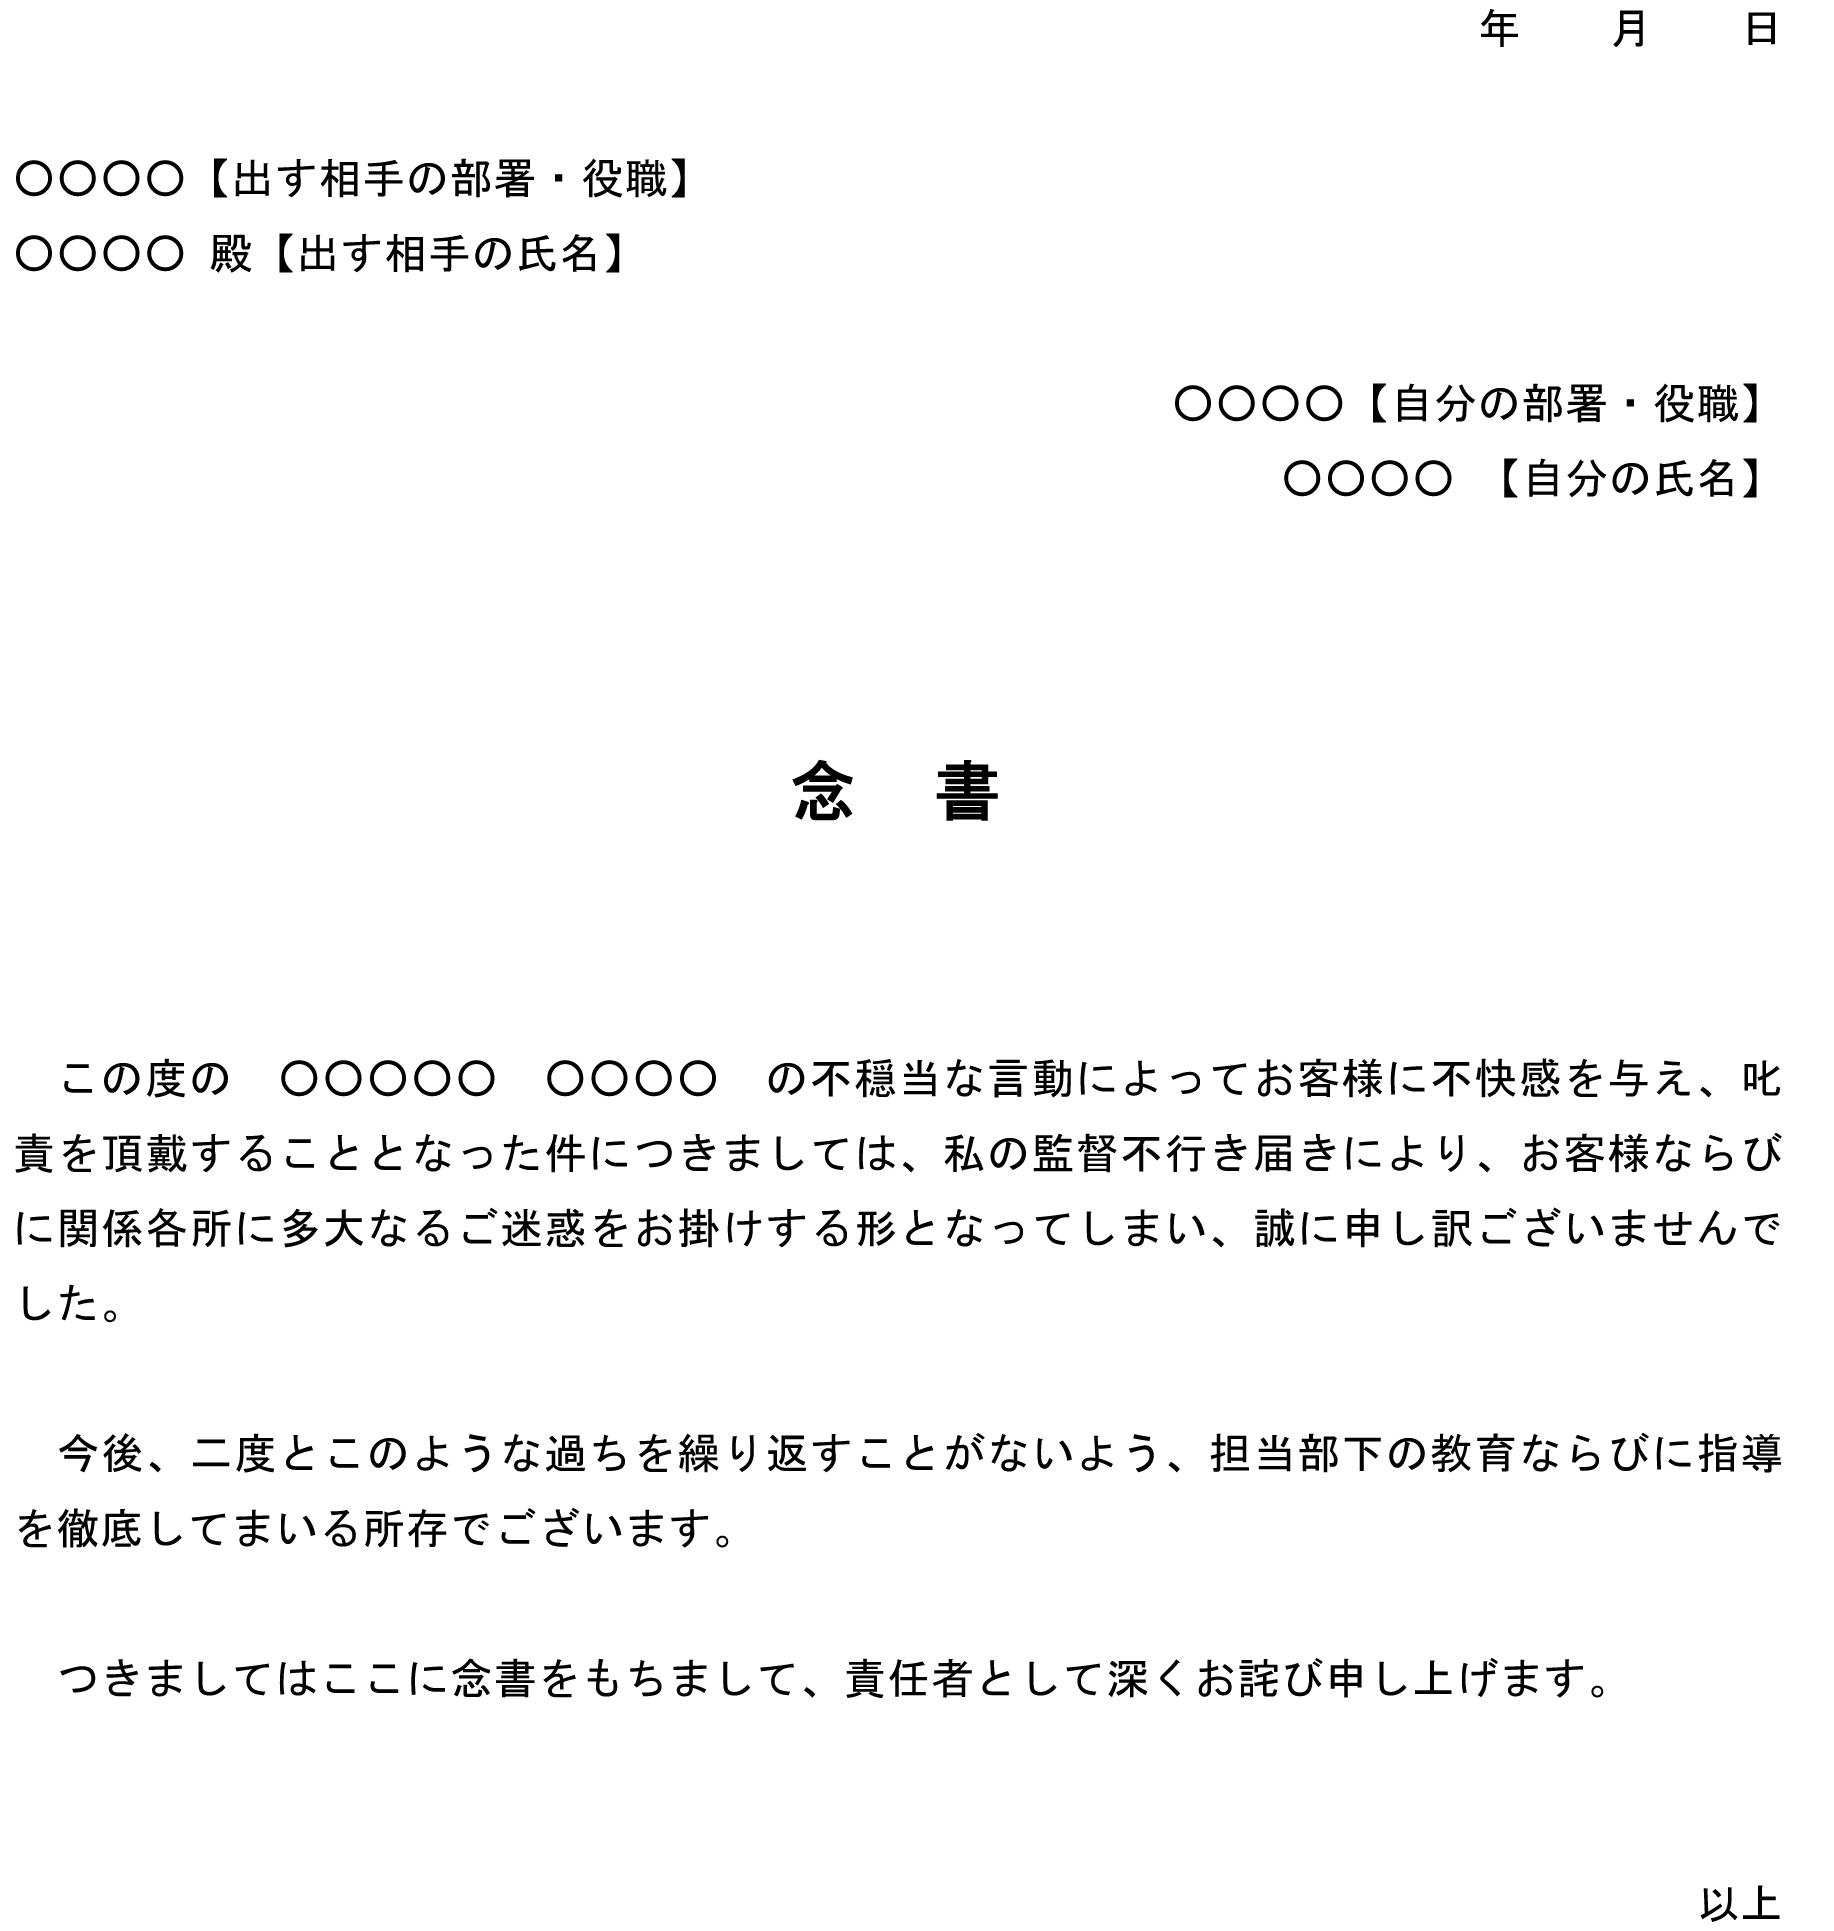 念書(部下がお客様からクレーム)